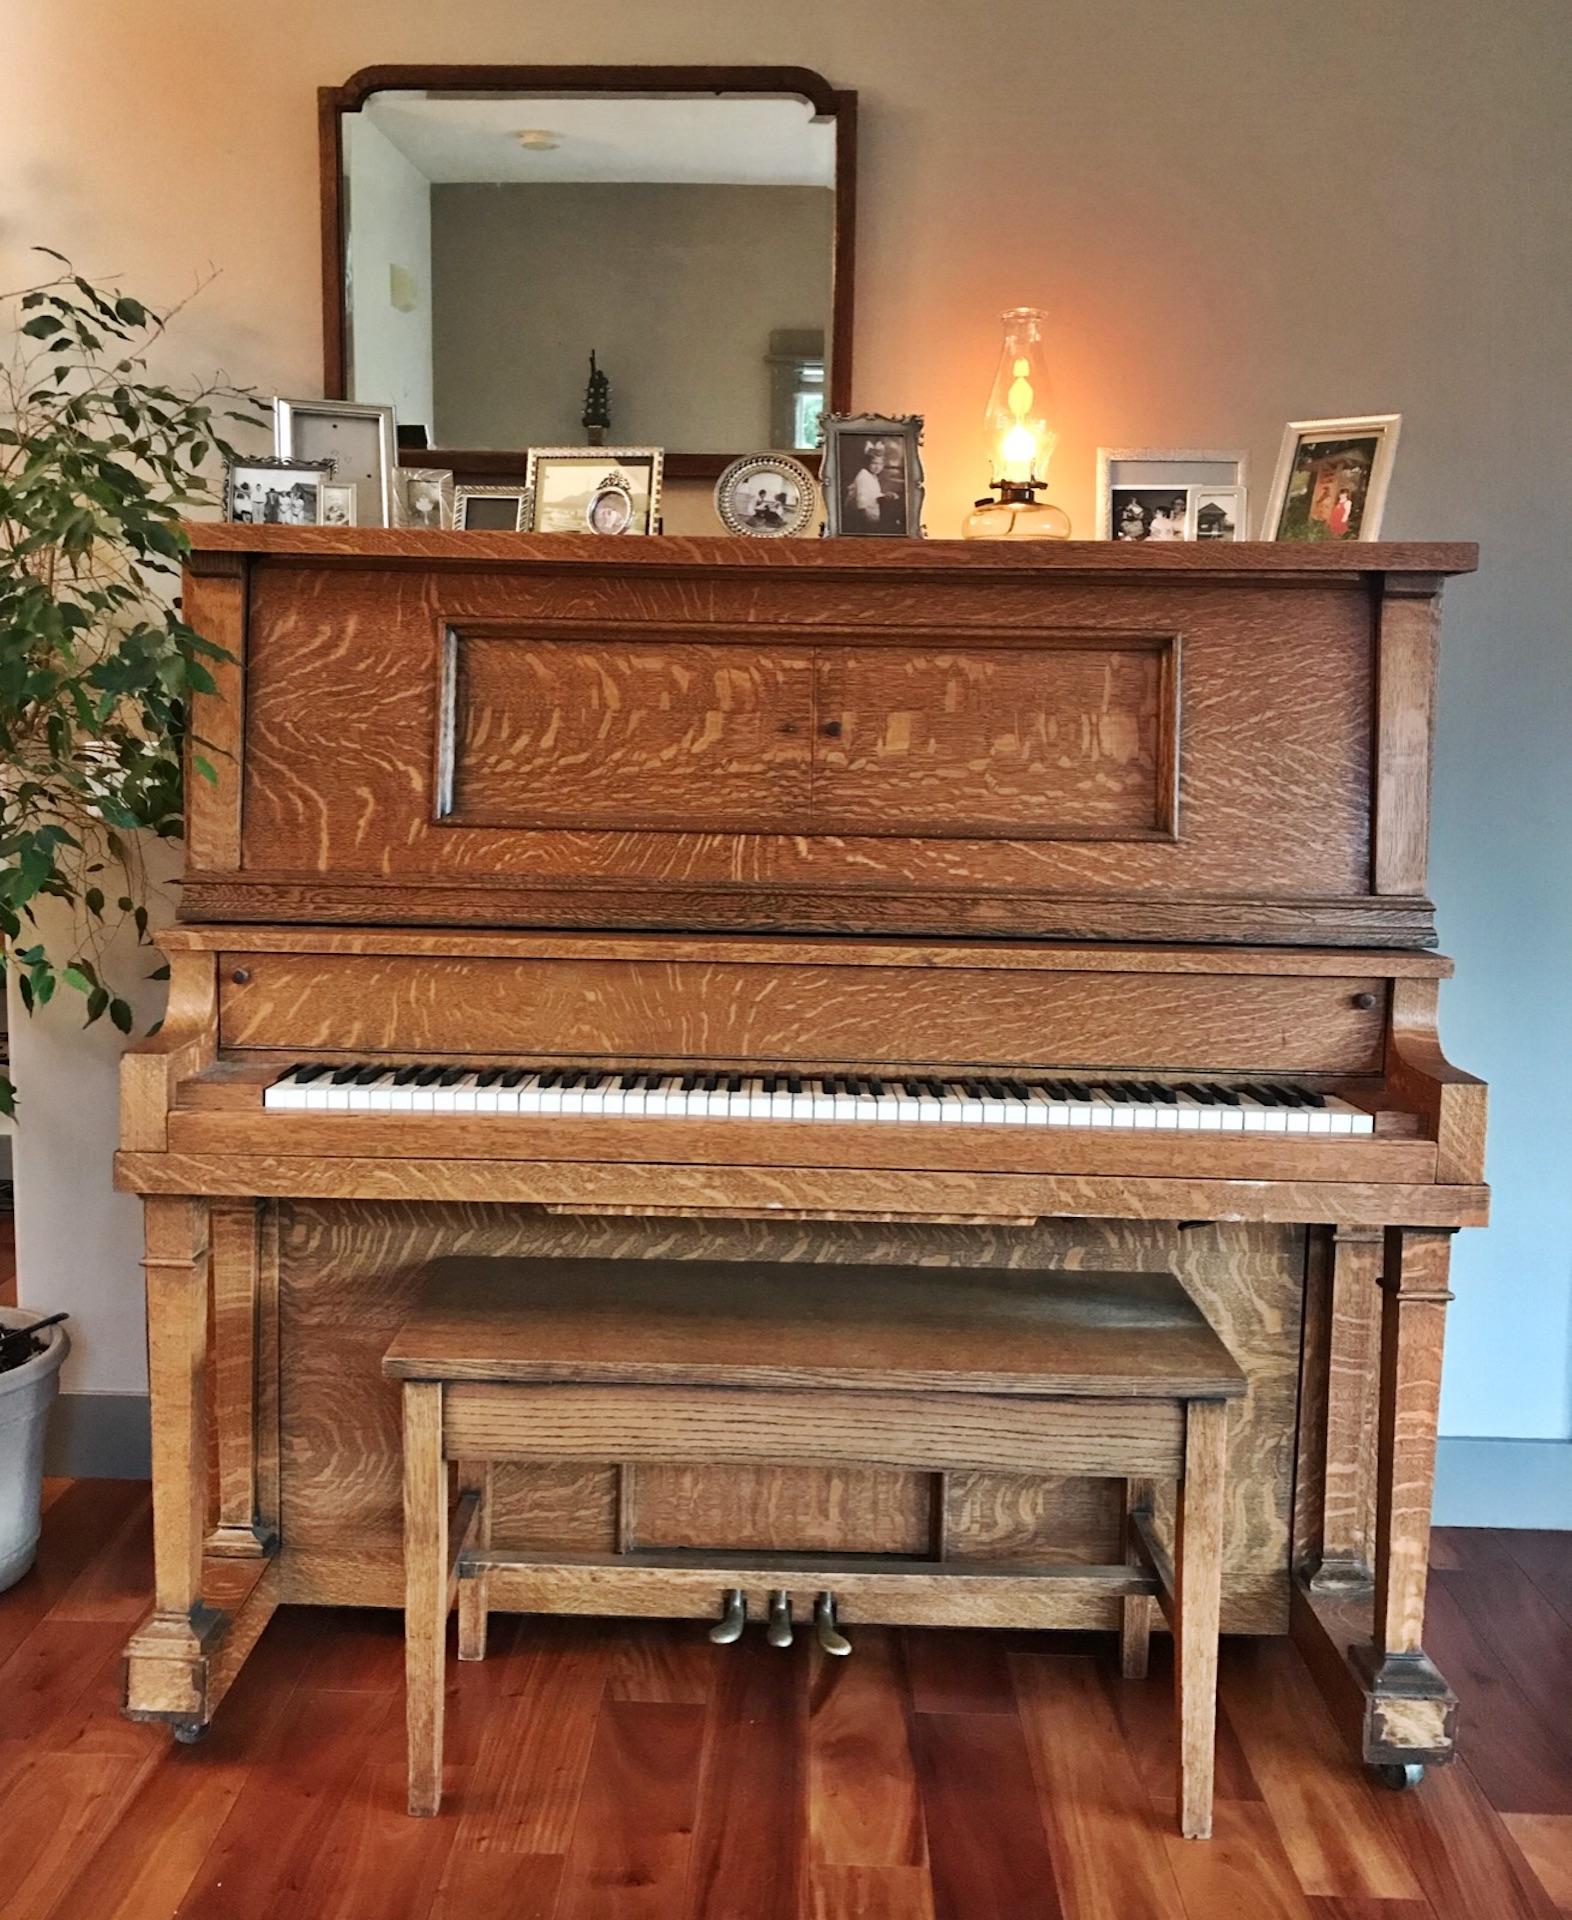 piano vrbo.jpg